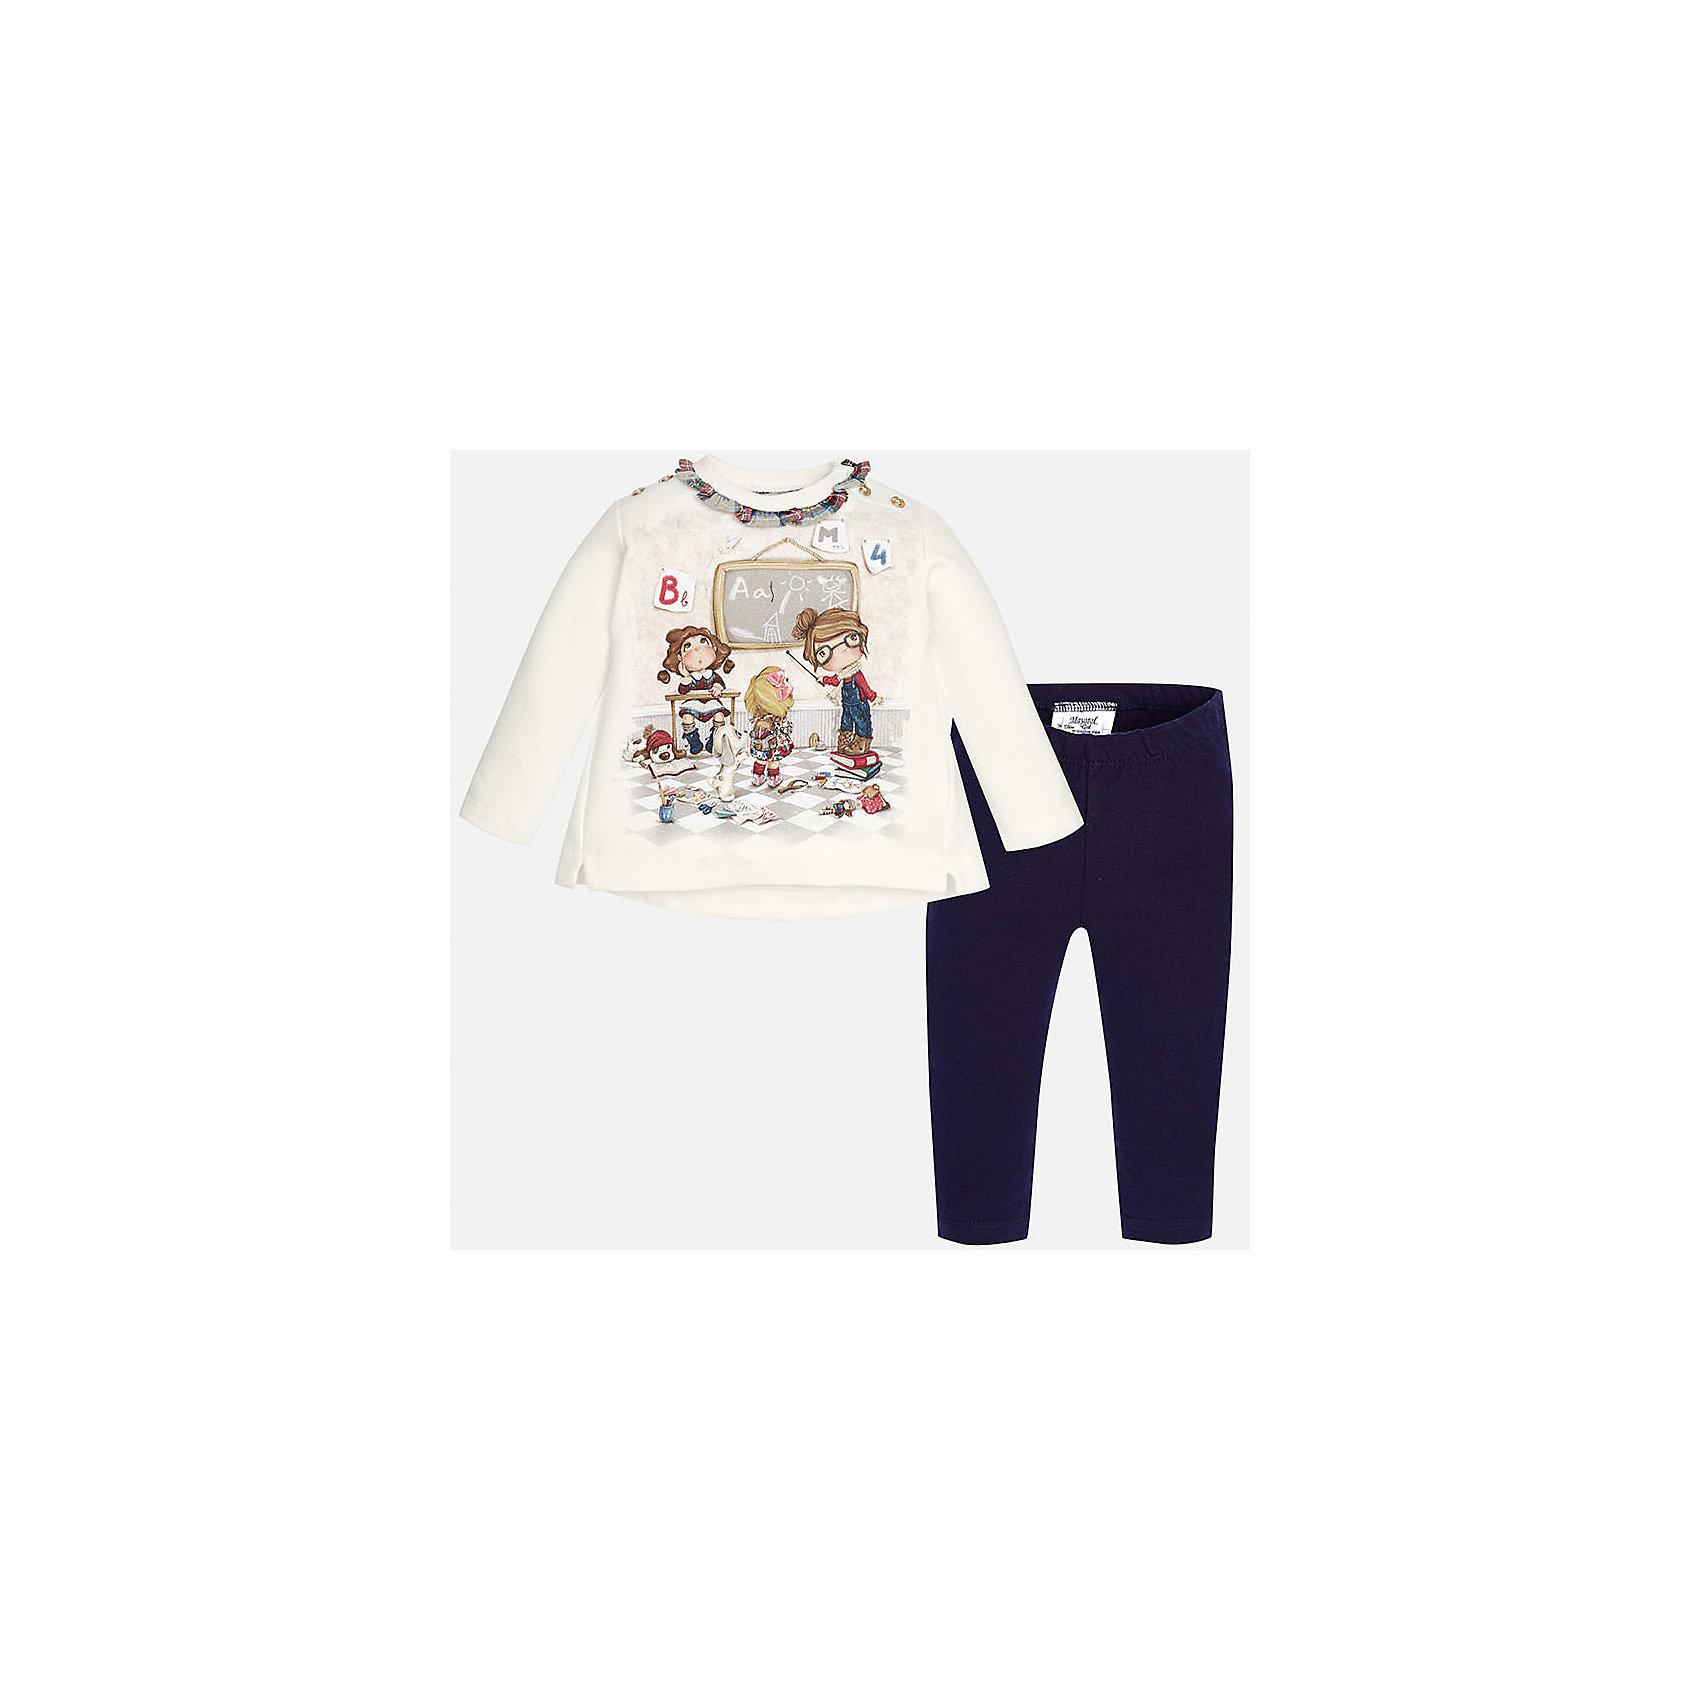 Комплект:футболка и леггинсы для девочки MayoralКомплекты<br>Прекрасный комплект торговой марки  Майорал-Mayoral станет незаменимой вещью в повседневном гардеробе юных модниц. Комплект толстовка+леггинсы тёмно-синего цвета из приятной на ощупь и мягкой ткани. Комплект декорирован красивым принтом с изображением учеников. Толстовка дополнена кнопками на плече для удобства переодевания. Однотонные леггинсы дополнены эластичной резинкой на поясе.<br><br>Дополнительная информация:<br><br>- вид застежки: без застежки <br>- цвет: синий,  белый<br>- тип карманов: втачные <br>- параметры брючин: ширина брючин – низ: 9 см; по внутреннему шву ; 21 см<br>- фактура материала: текстильный<br>- покрой: прямой<br>- состав: 95% хлопка; 5% эластан<br>- длина  изделия: верх 38 см. низ 31 см<br>- уход за вещами: бережная стирка при 30 градусах<br>- рисунок: с  рисунком<br>- материал: трикотаж<br>- назначение: повседневная<br>- сезон: круглогодичный<br>- пол: девочки<br>- страна бренда: Испания<br>- страна производитель:  Индия<br>- комплектация: лонгслив, леггинсы <br><br>Комплект торговой марки  Майорал-Mayoral можно купить в нашем интернет магазине.<br><br>Ширина мм: 123<br>Глубина мм: 10<br>Высота мм: 149<br>Вес г: 209<br>Цвет: синий<br>Возраст от месяцев: 12<br>Возраст до месяцев: 15<br>Пол: Женский<br>Возраст: Детский<br>Размер: 80,92,74,86<br>SKU: 4846214